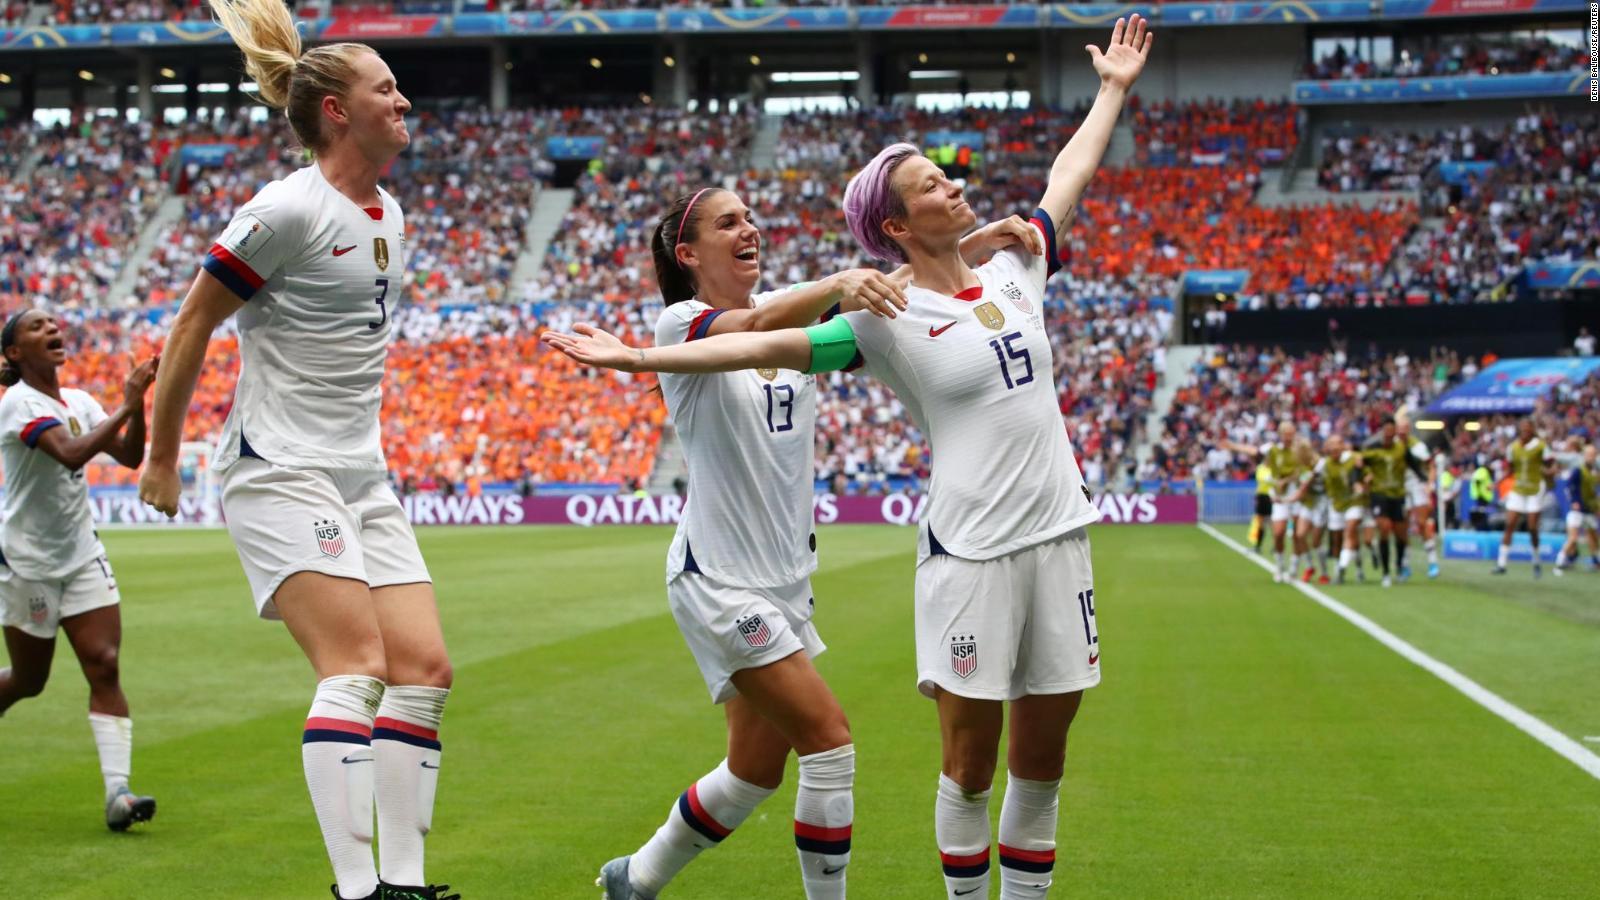 EE.UU. gana la Copa Mundial Femenina, ¿se acortará la brecha salarial?